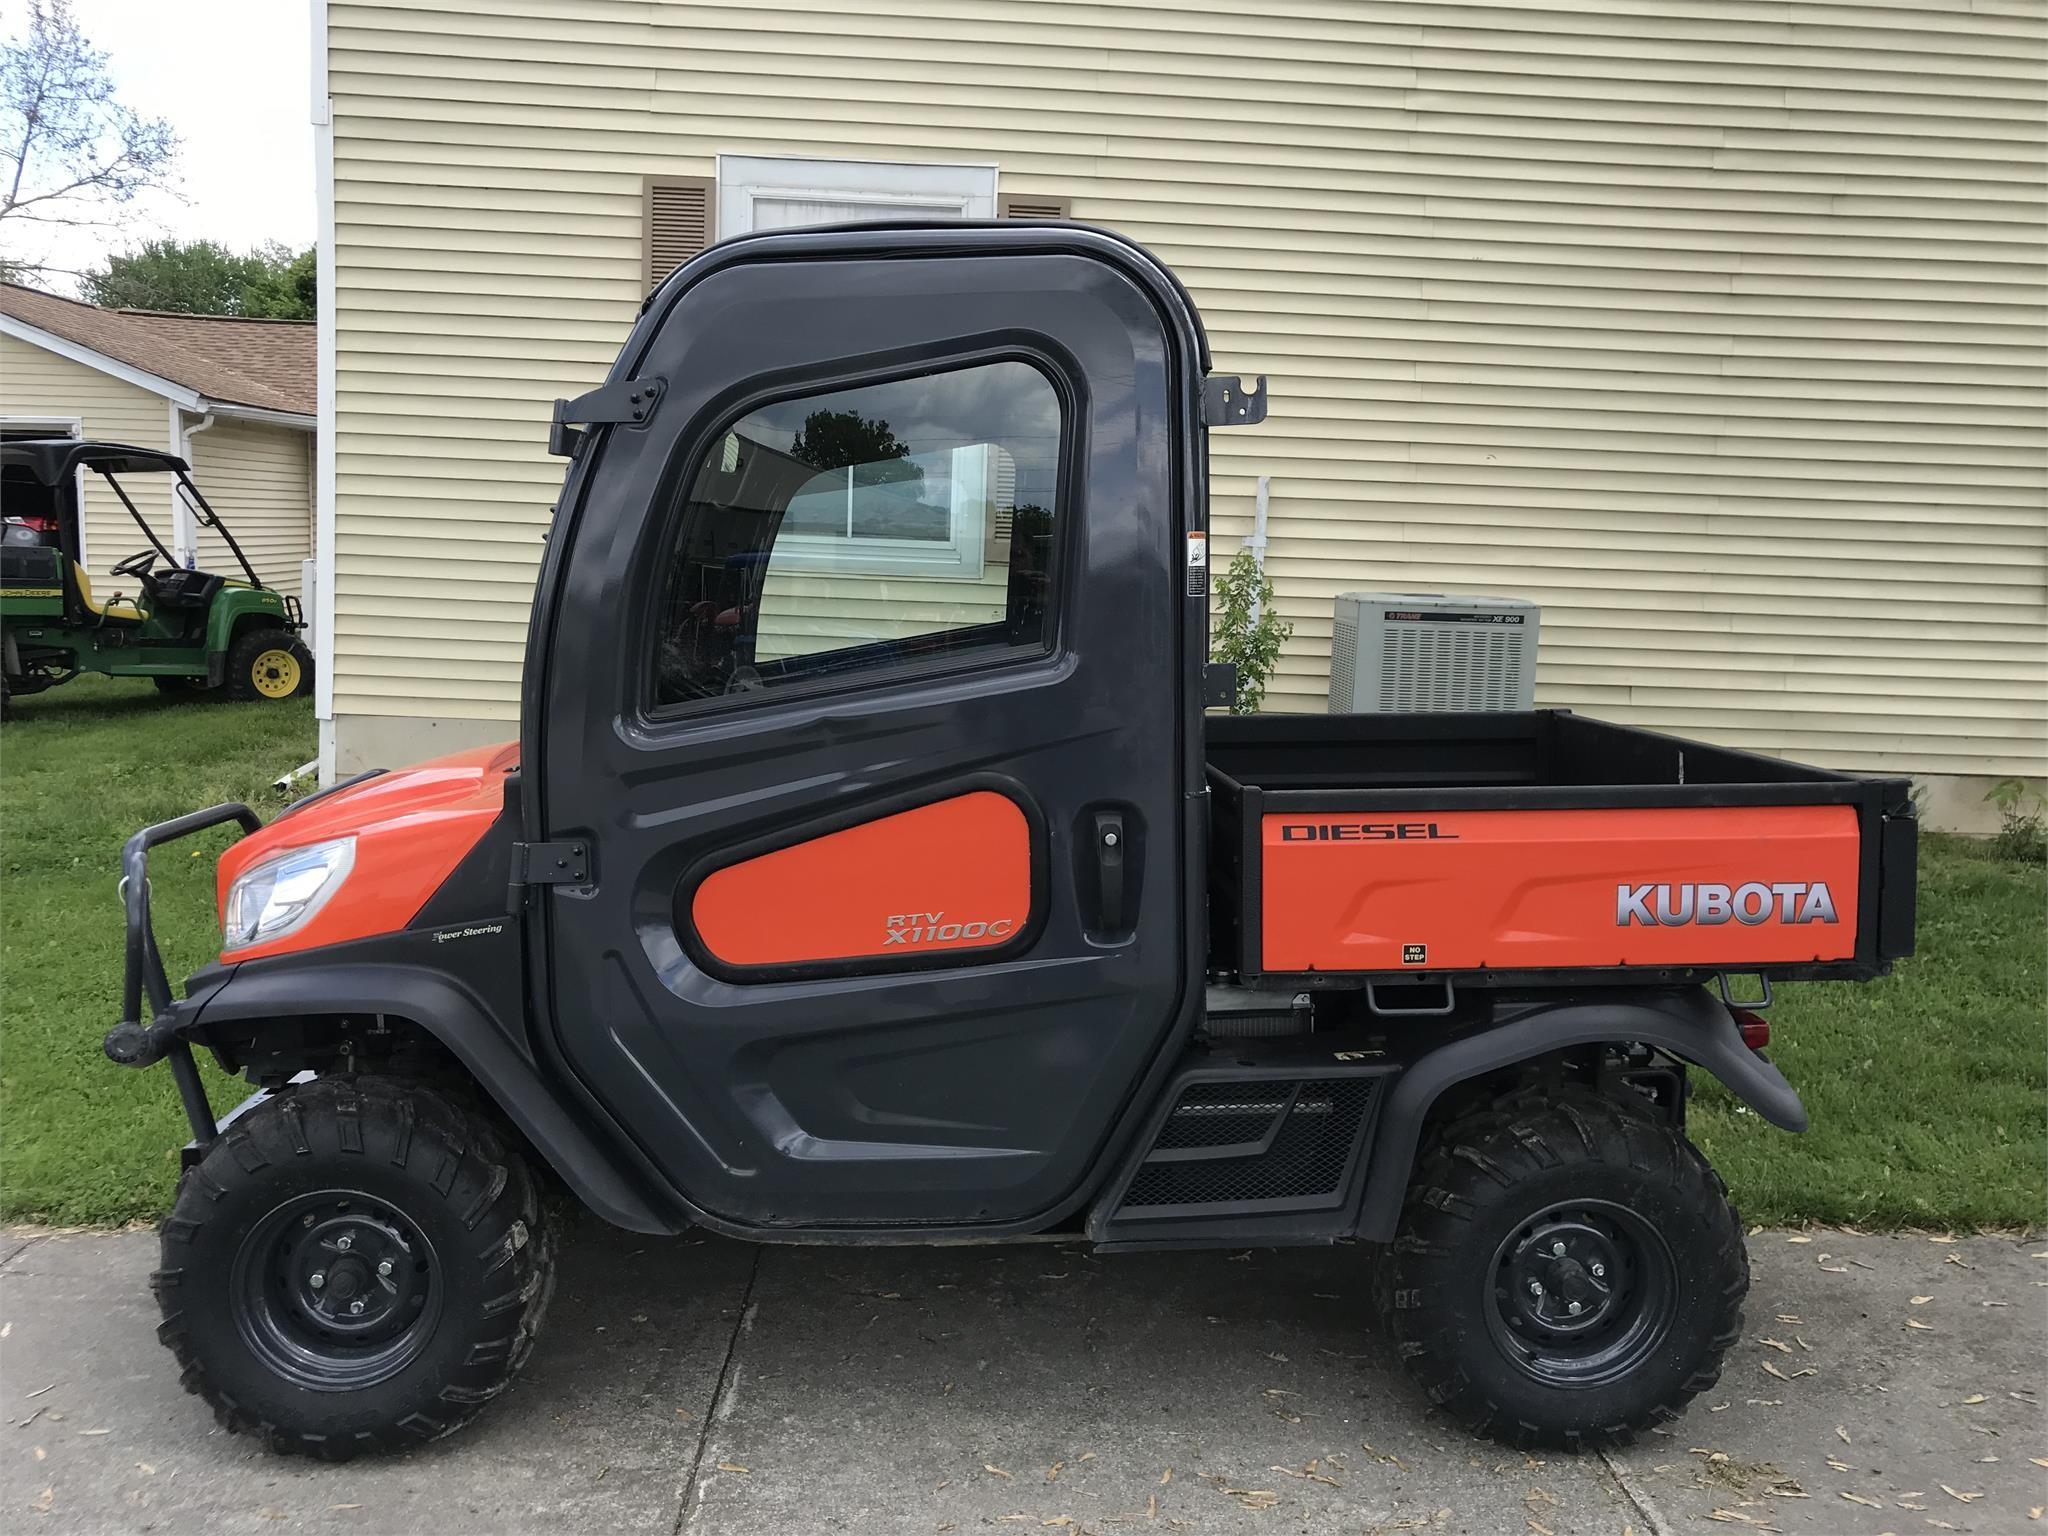 Kubota Rtv 1100 >> 2014 Kubota Rtv1100 For Sale In Sigel Illinois